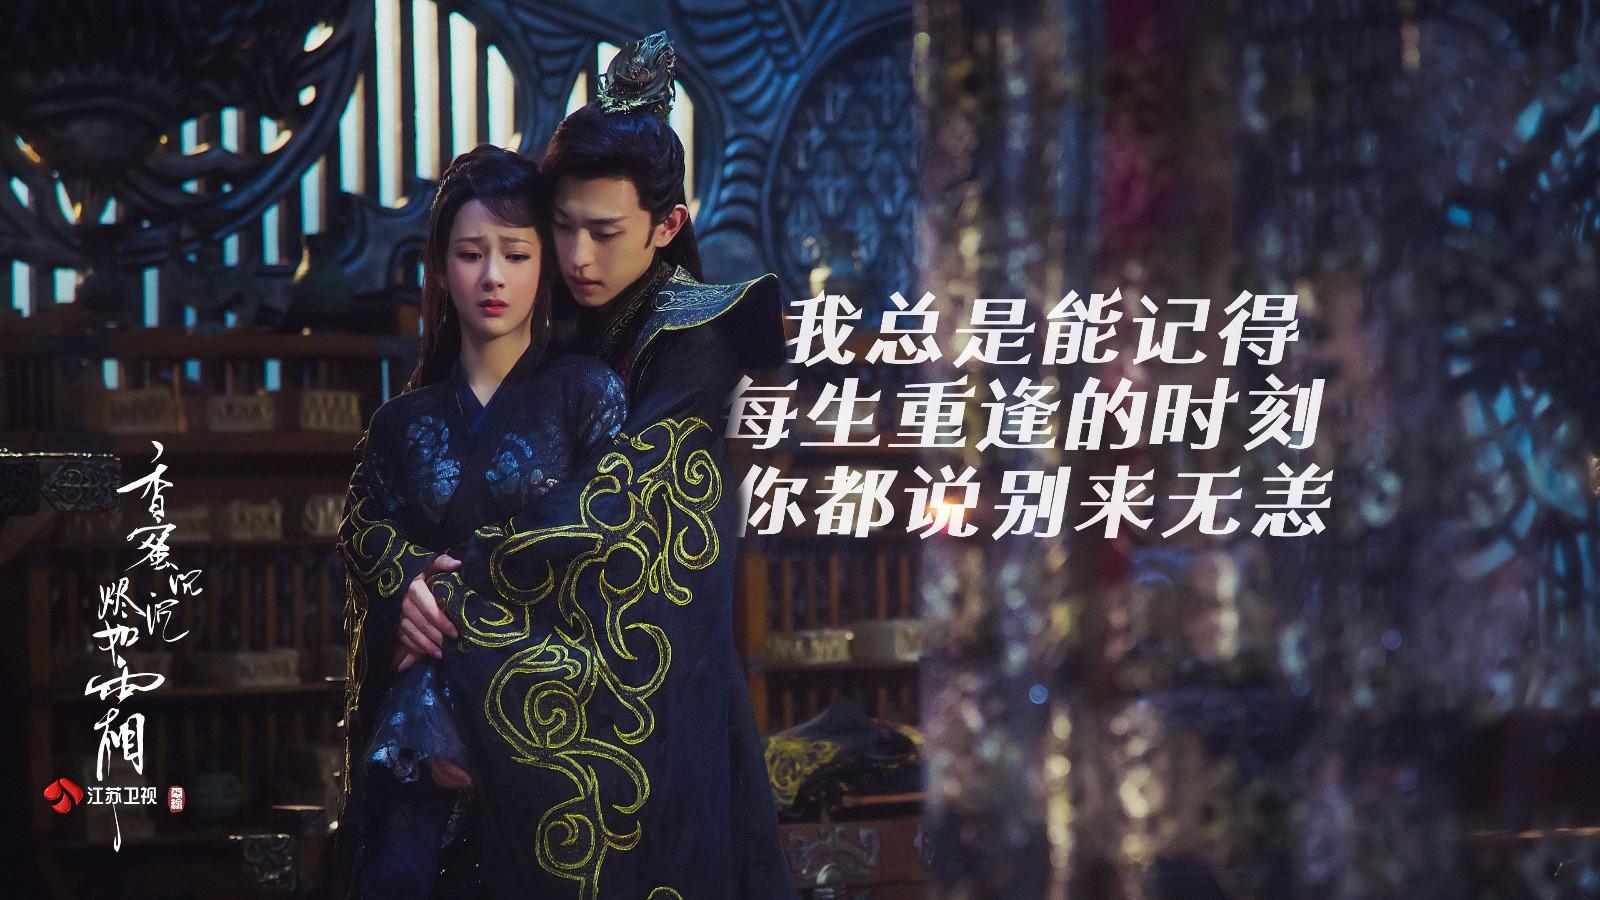 《香蜜沉沉烬如霜》主题曲mv曝光 杨紫邓伦倾情献唱